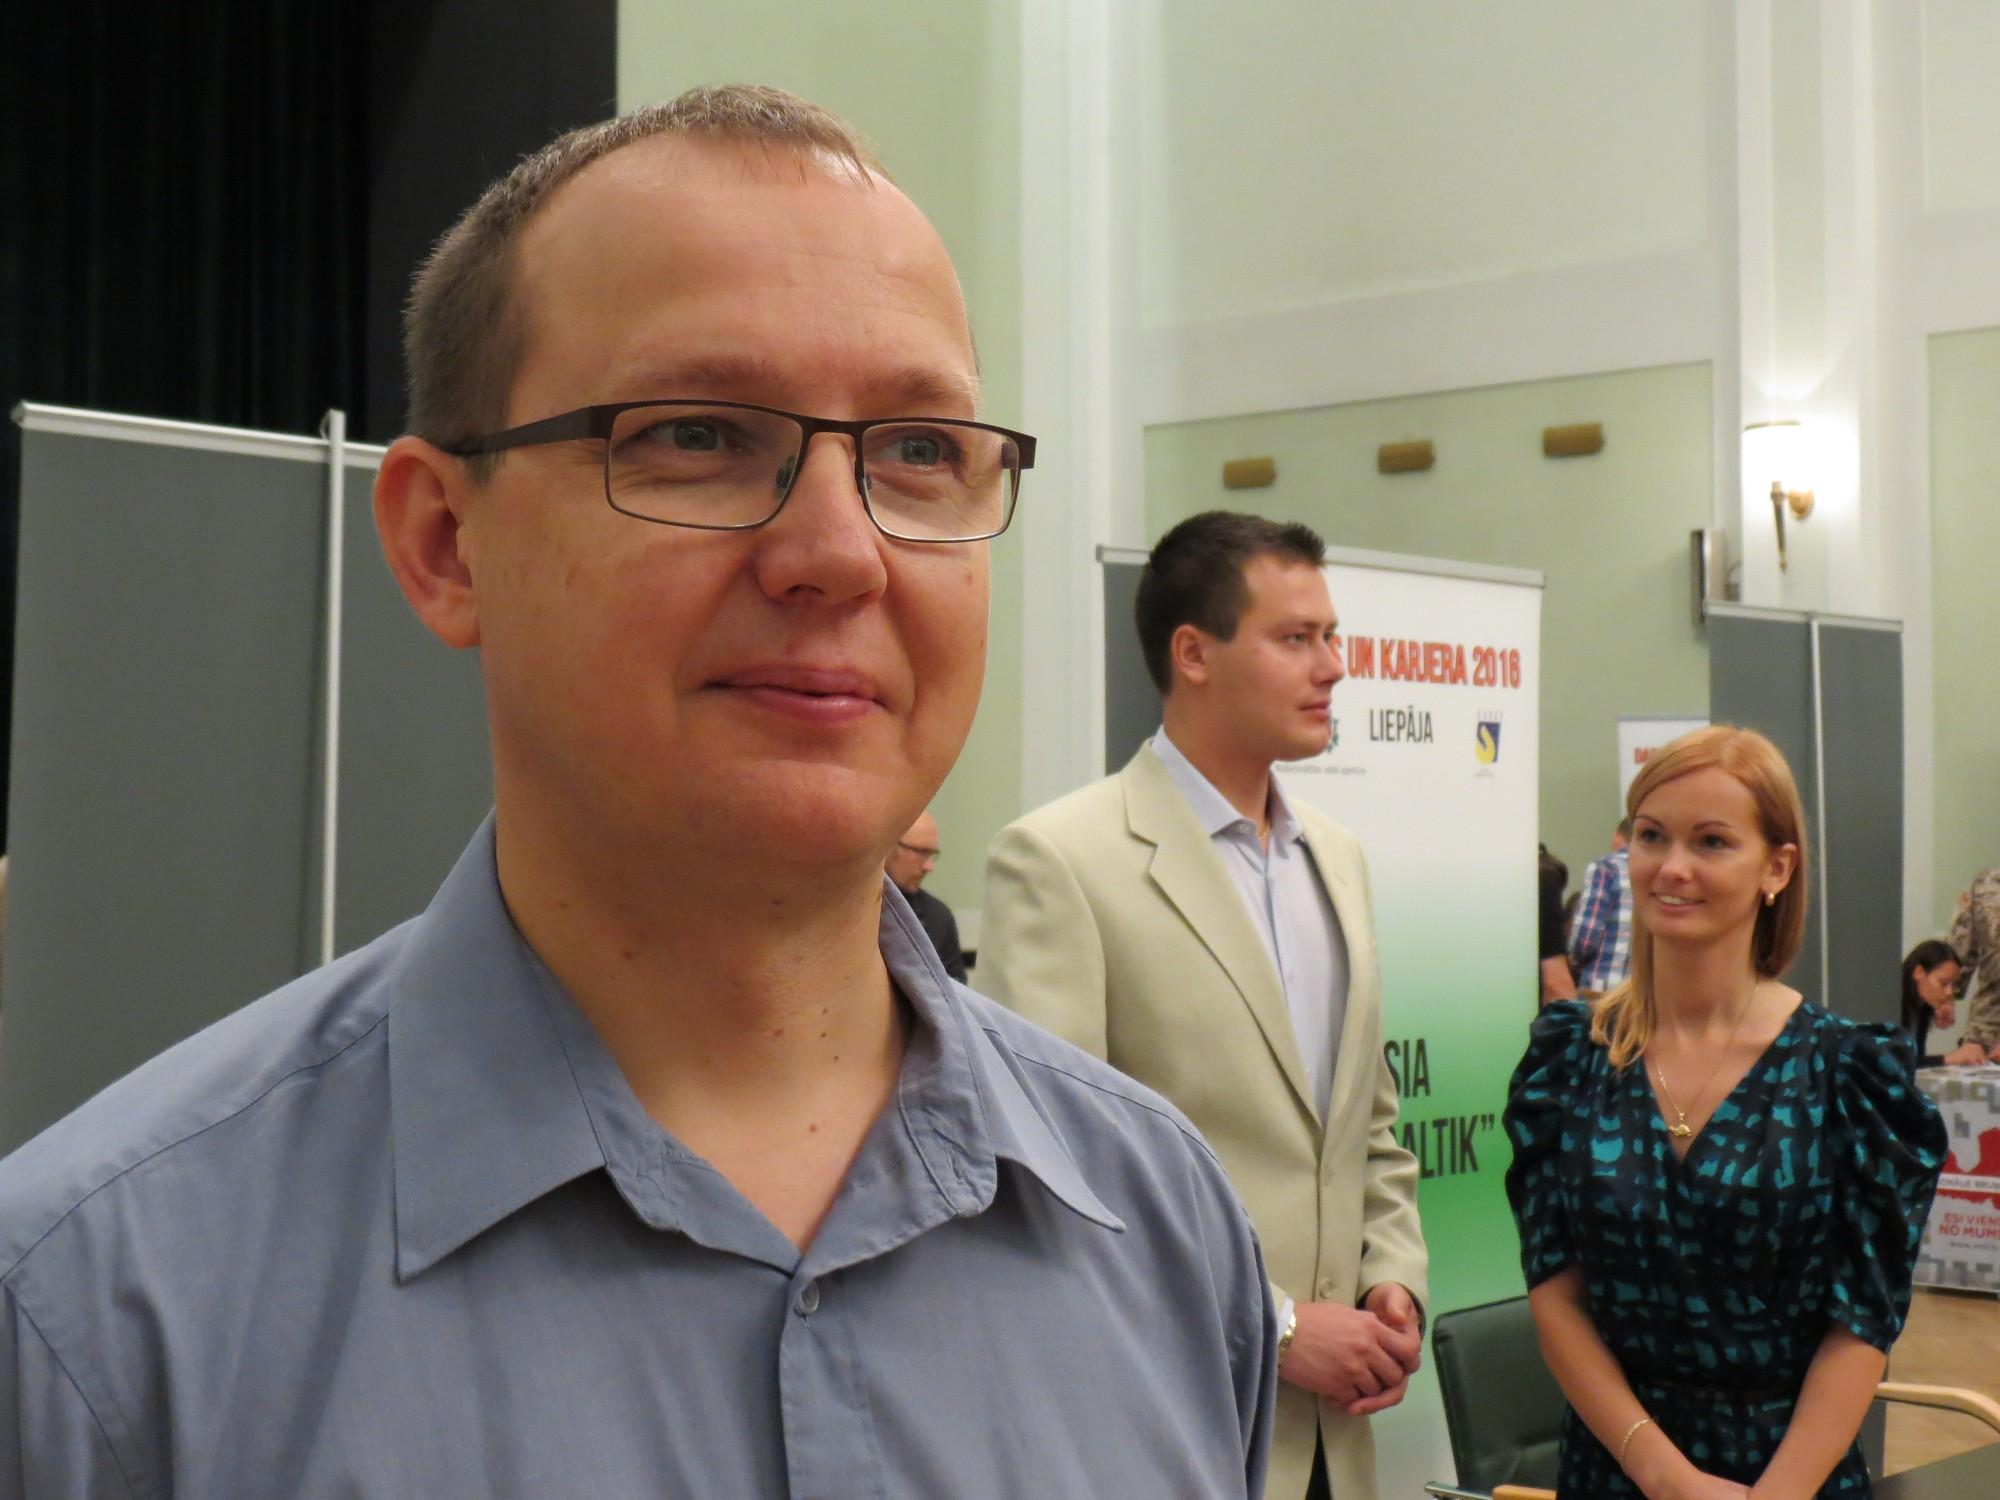 Jānis Letinskis: Jaunajiem cilvēkiem nereti ir pārlieku lielas ambīcijas